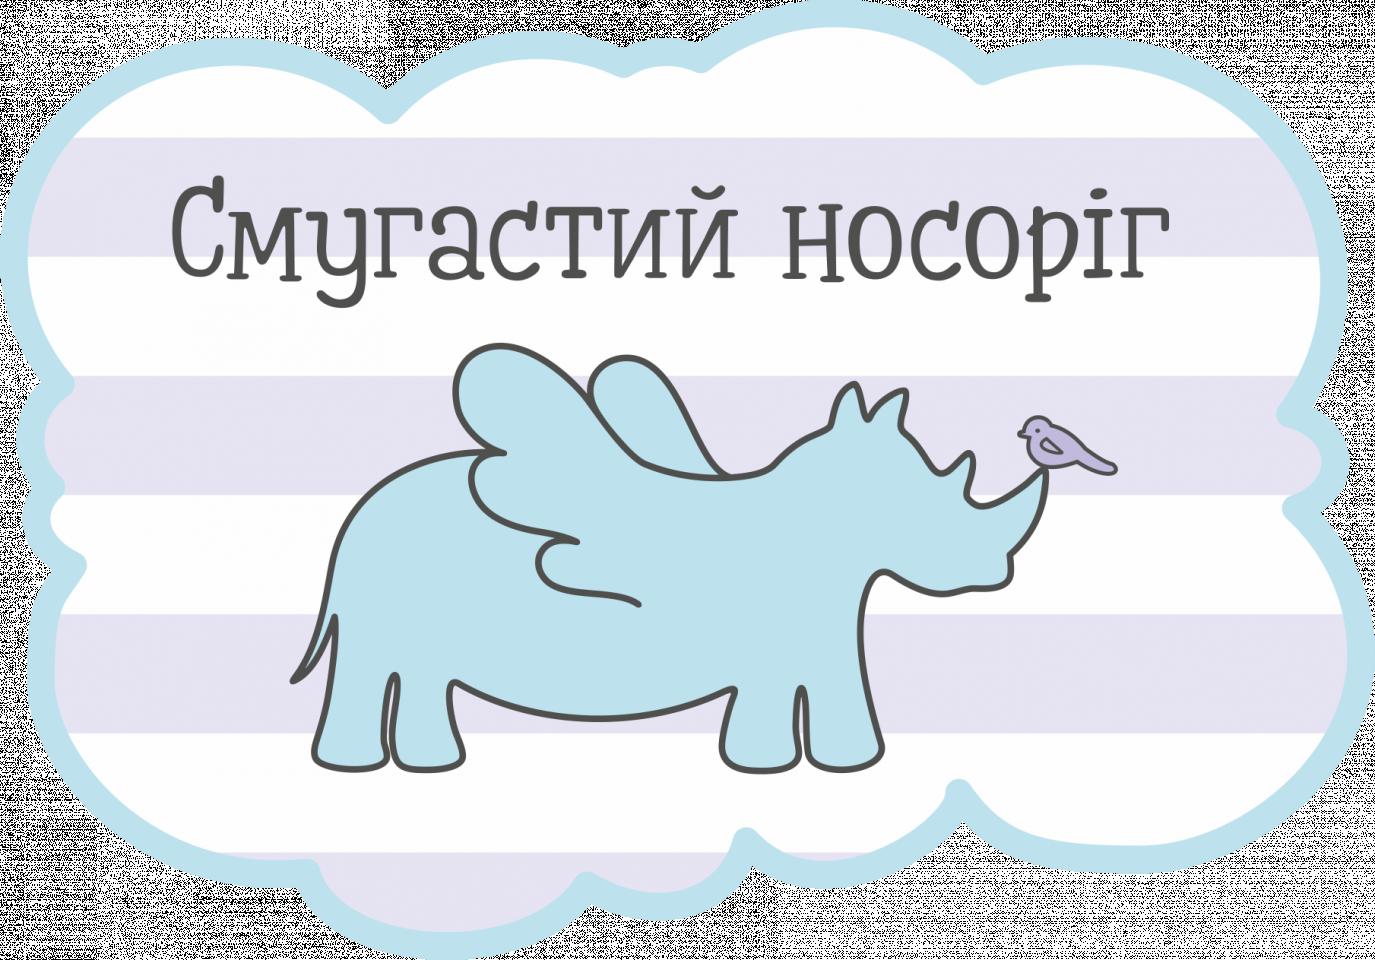 Смугастий носоріг - фото 7